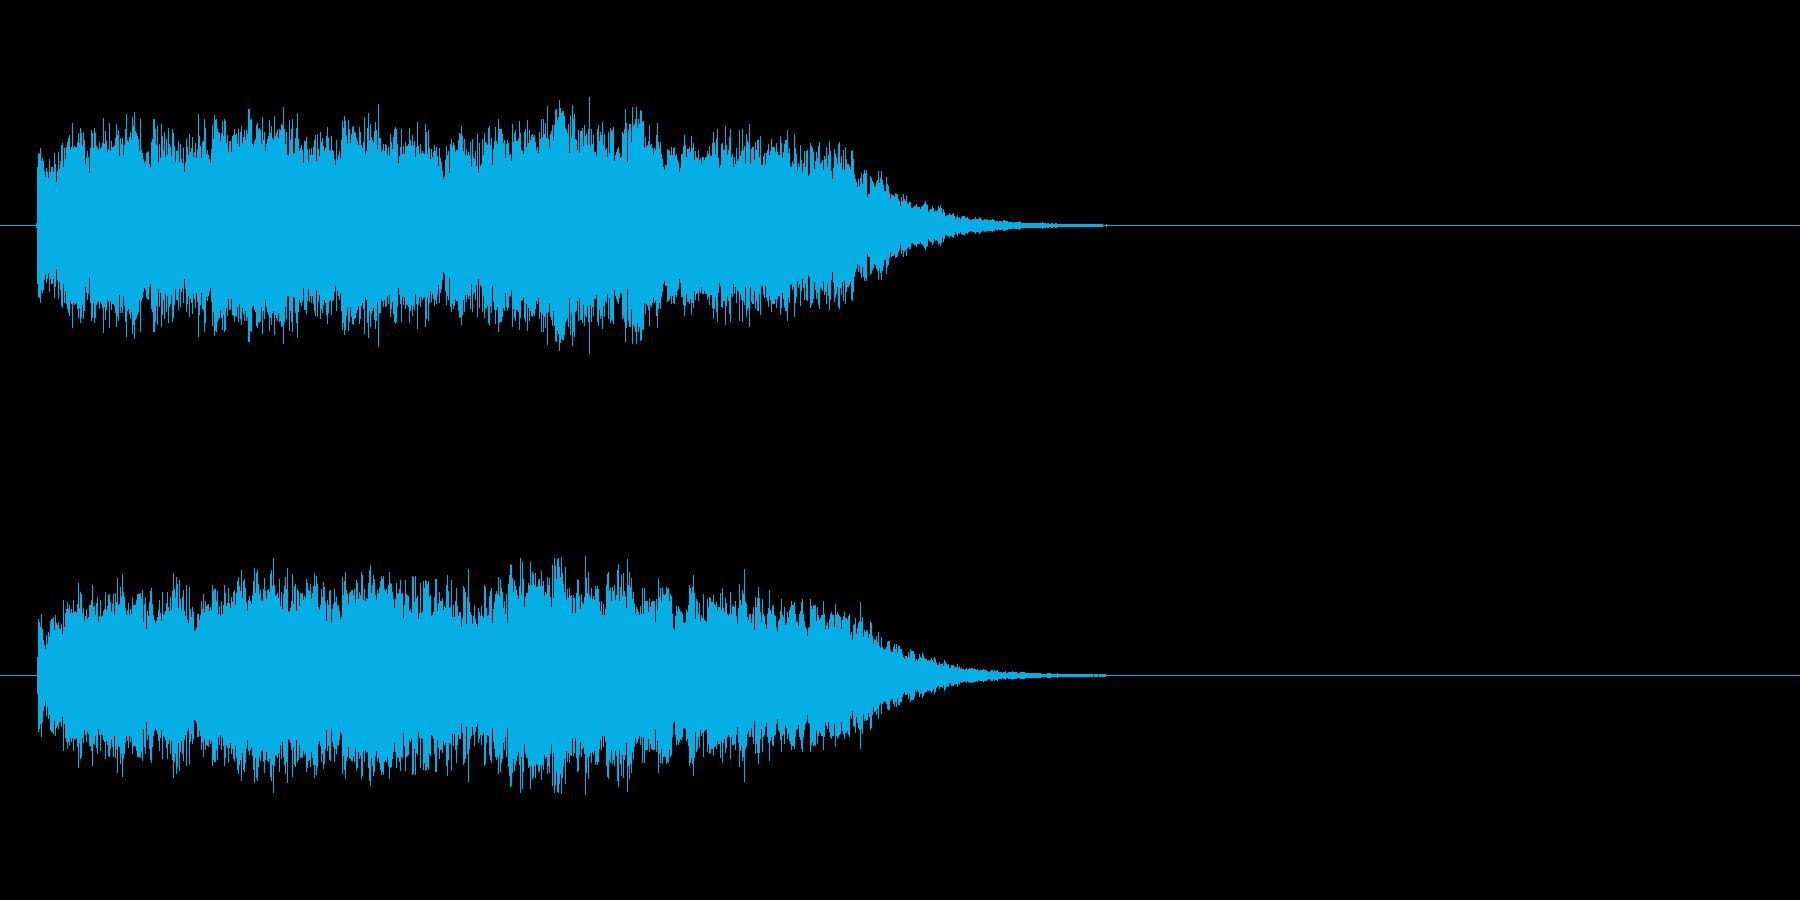 未来へ向うキラキラした明るいサウンドロゴの再生済みの波形